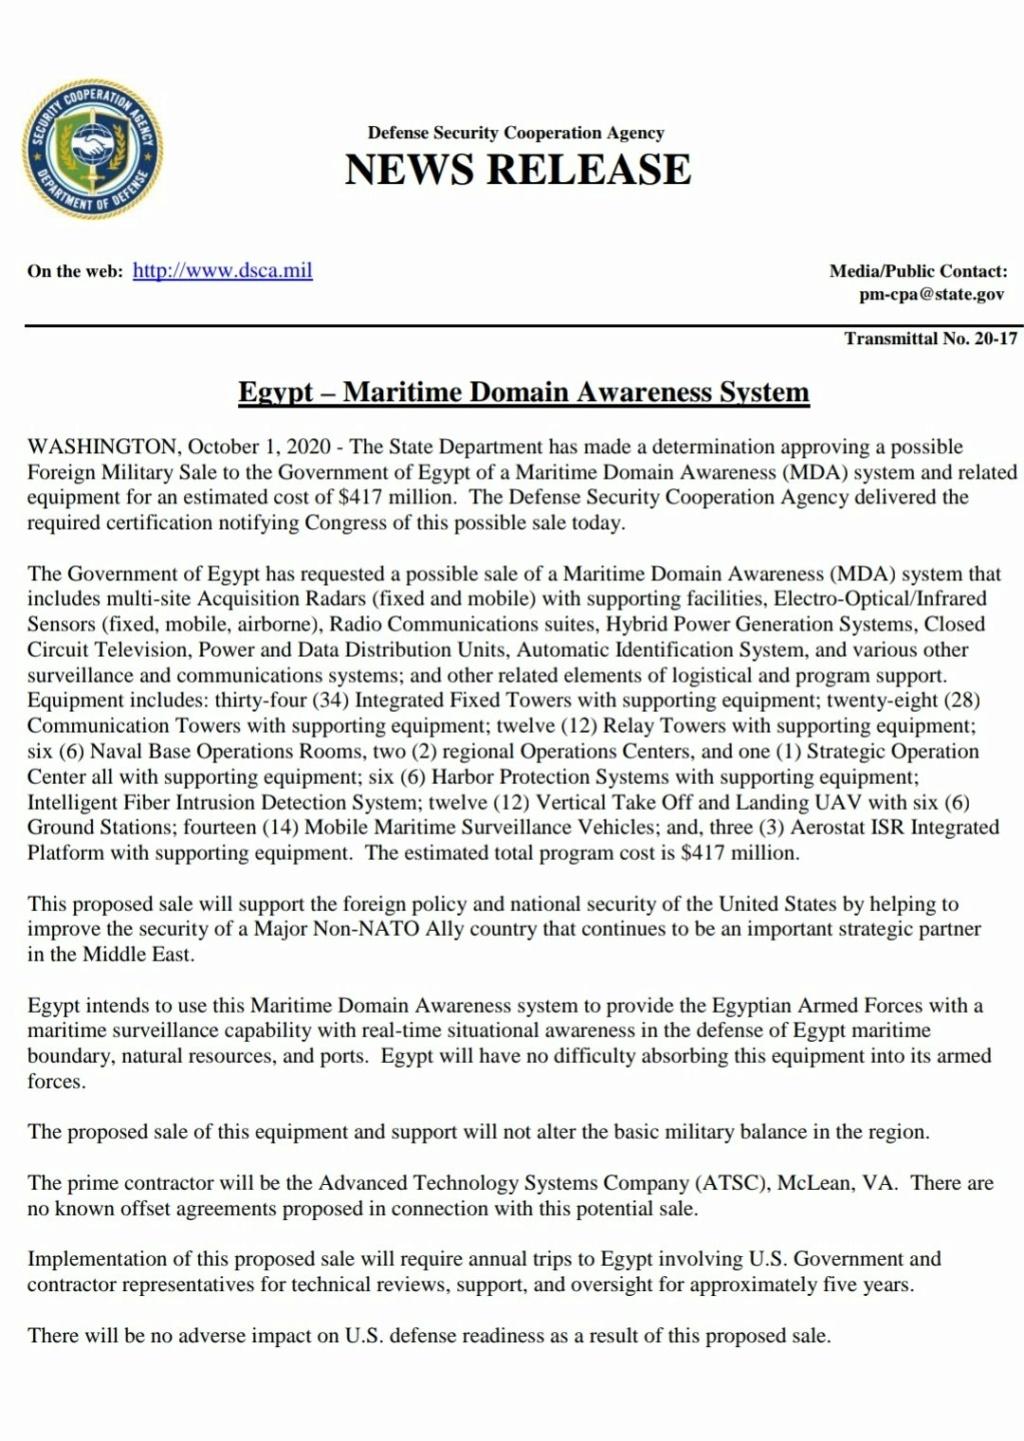 مصر تشتري نظام Martime Domain Awareness System و انظمة طائرات بدون طيار مع مناطيد استطلاع من الولايات المتحدة Ejuokc10